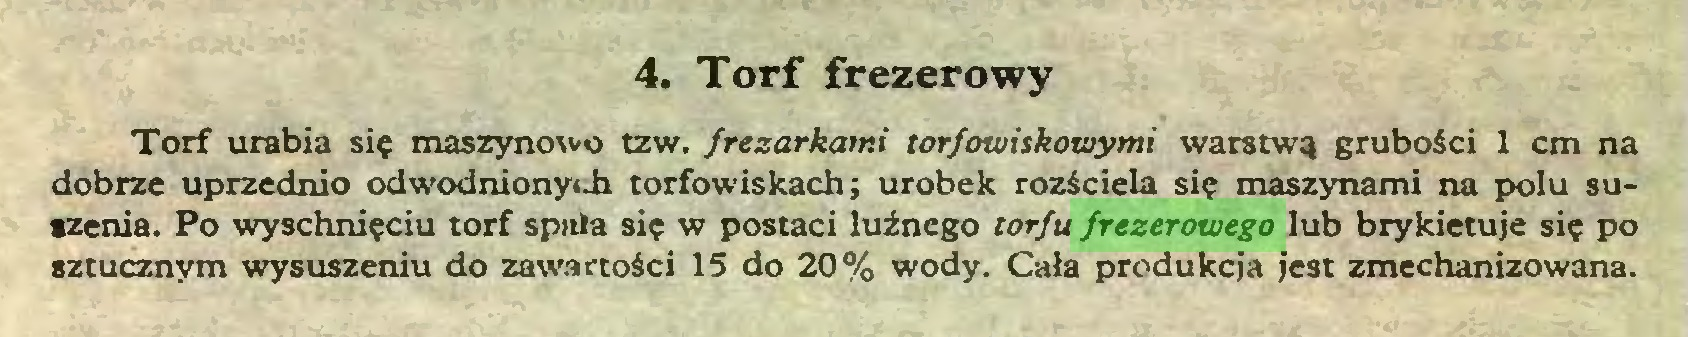 (...) 4. Torf frezerowy Torf urabia się maszynowo tzw. frezarkami torfowiskowymi warstwą grubości 1 cm na dobrze uprzednio odwodnionyi.h torfowiskach; urobek rozściela się maszynami na polu suszenia. Po wyschnięciu torf spala się w postaci luźnego torfu frezerowego lub brykietuje się po sztucznym wysuszeniu do zawartości 15 do 20% wody. Cała produkcja jest zmechanizowana...